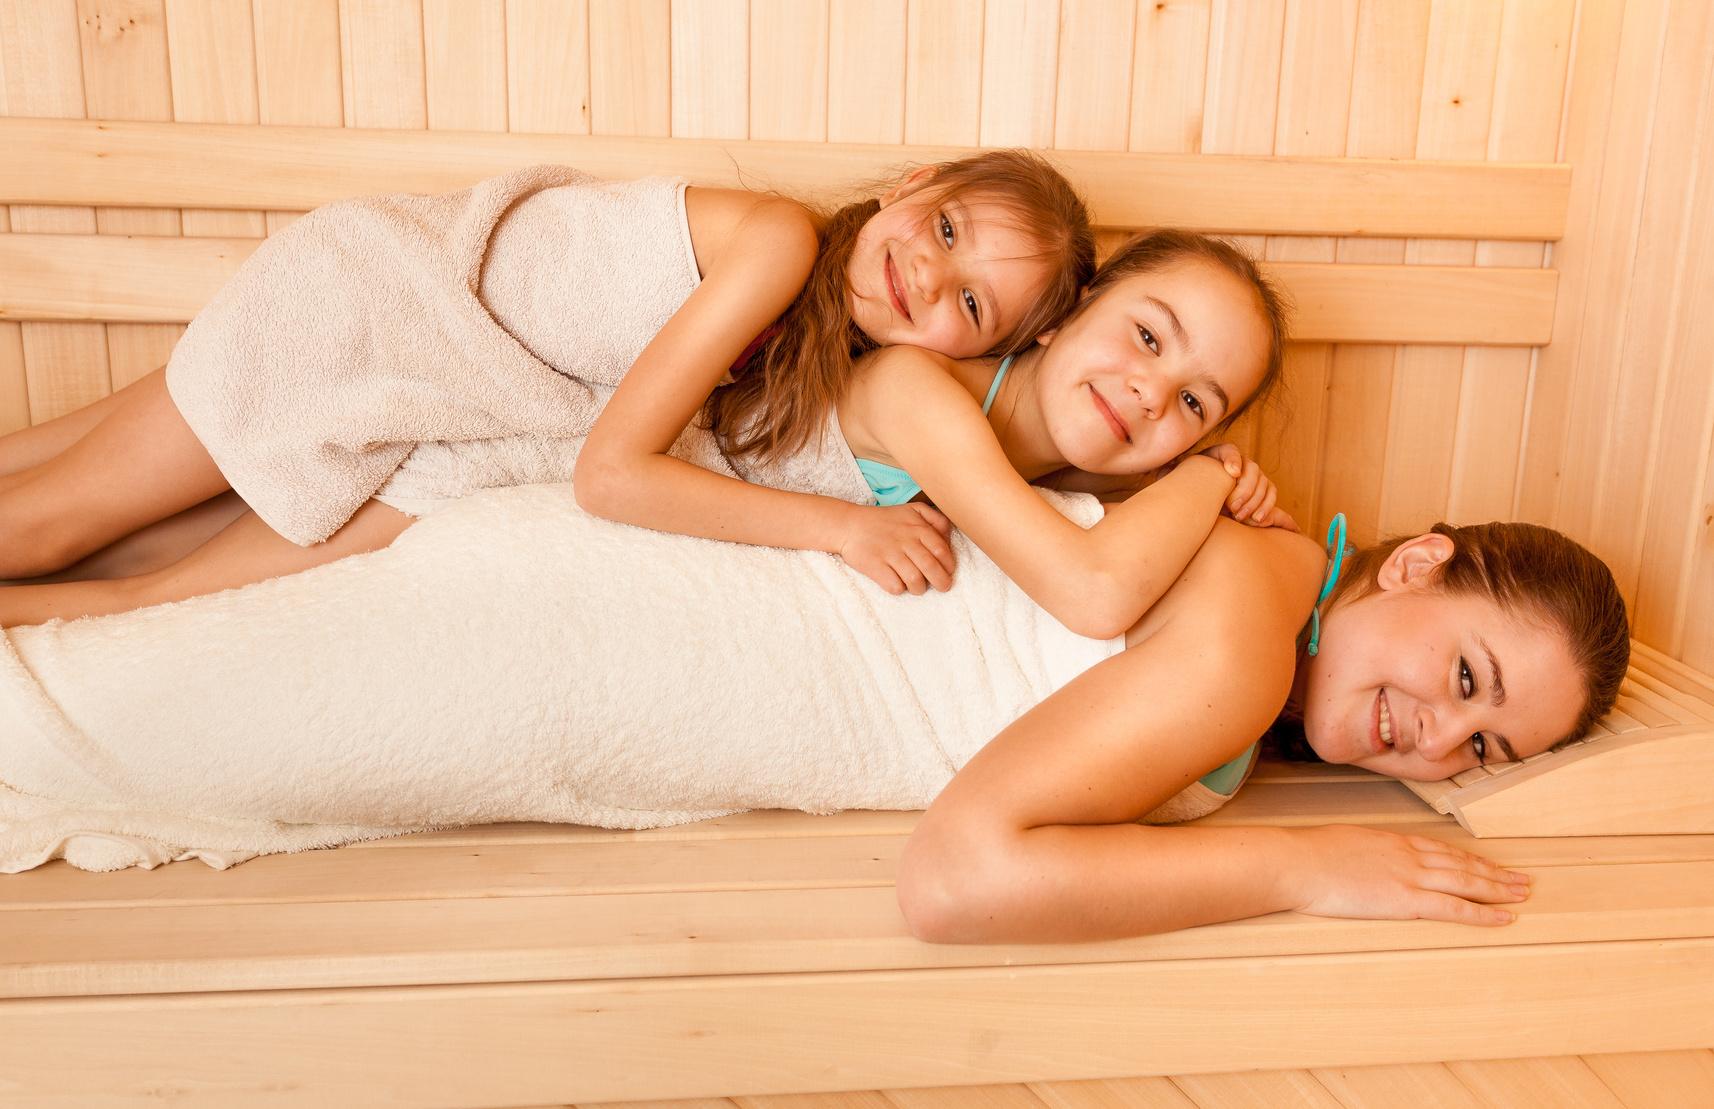 Deichwelle Neuwied Kinder Sauna Tag